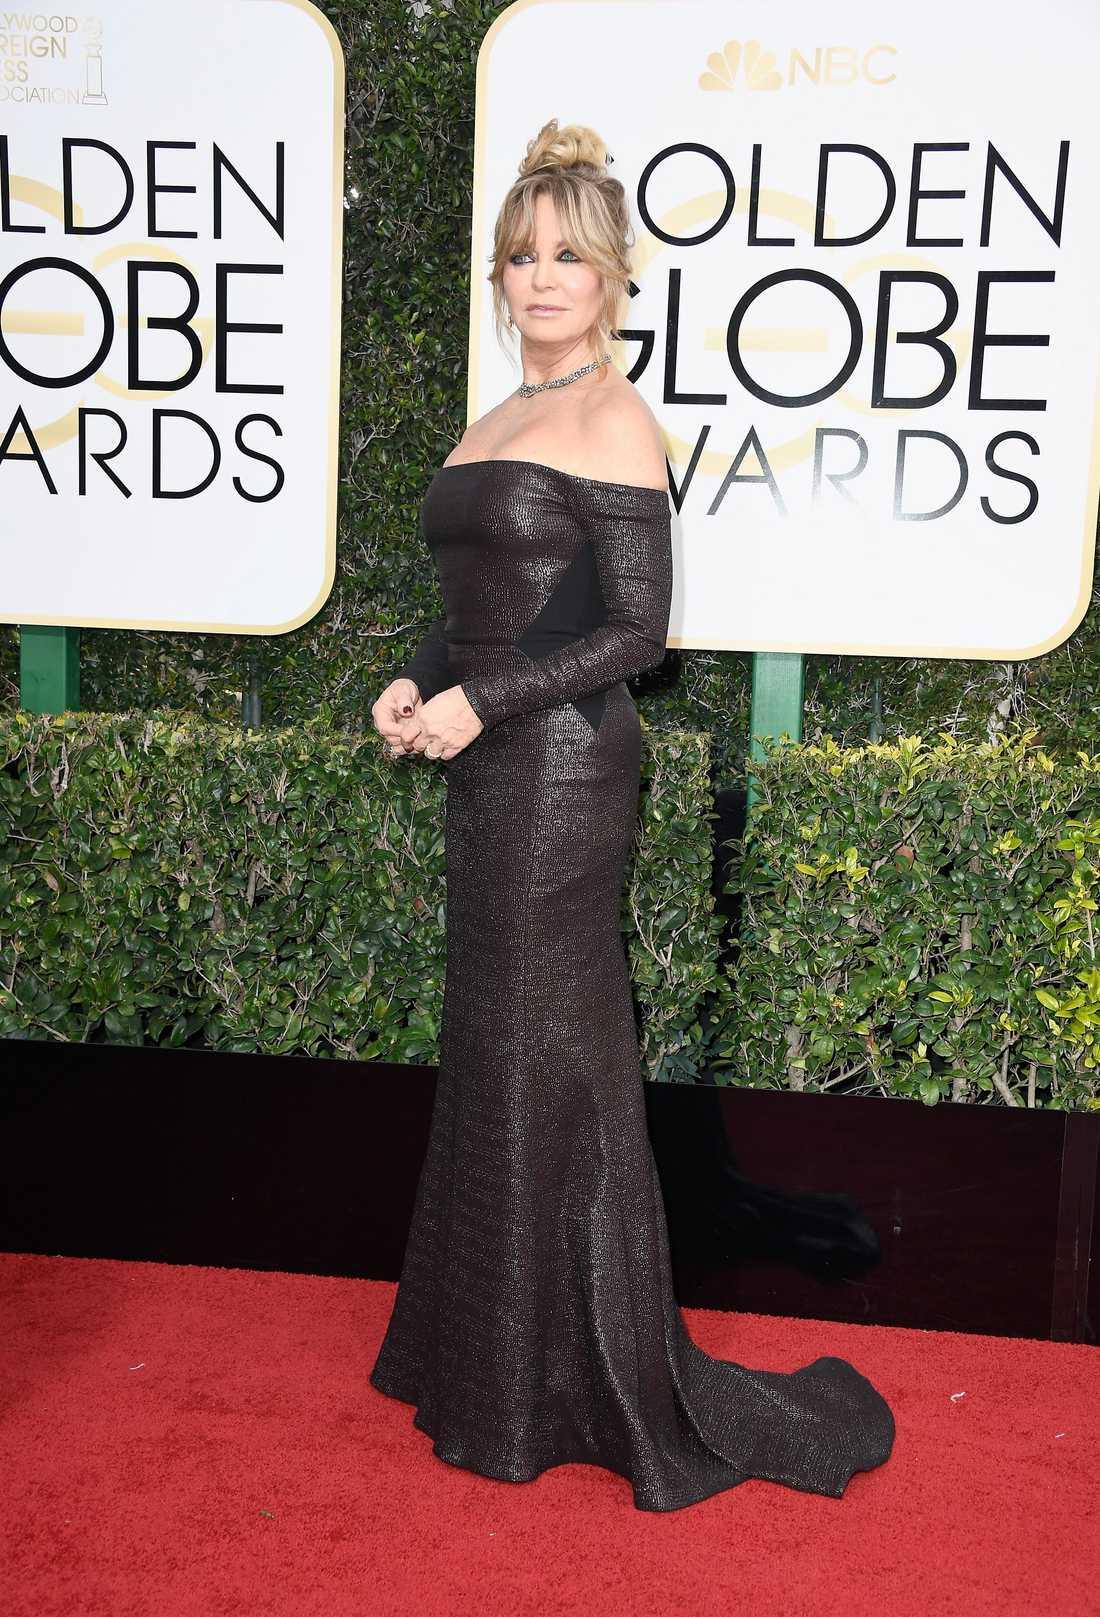 Goldie Hawn. Wawawoom. Goldie glänser på röda mattan i en svart nästintill läderliknande Prabal Gurung-klänning med bara axlar. Det finns faktiskt inget att klaga på här alls, jag tycker det är läckert och ett riktigt statement som bevisar att sexighet, kaxighet och stil saknar ålder.  4 plus